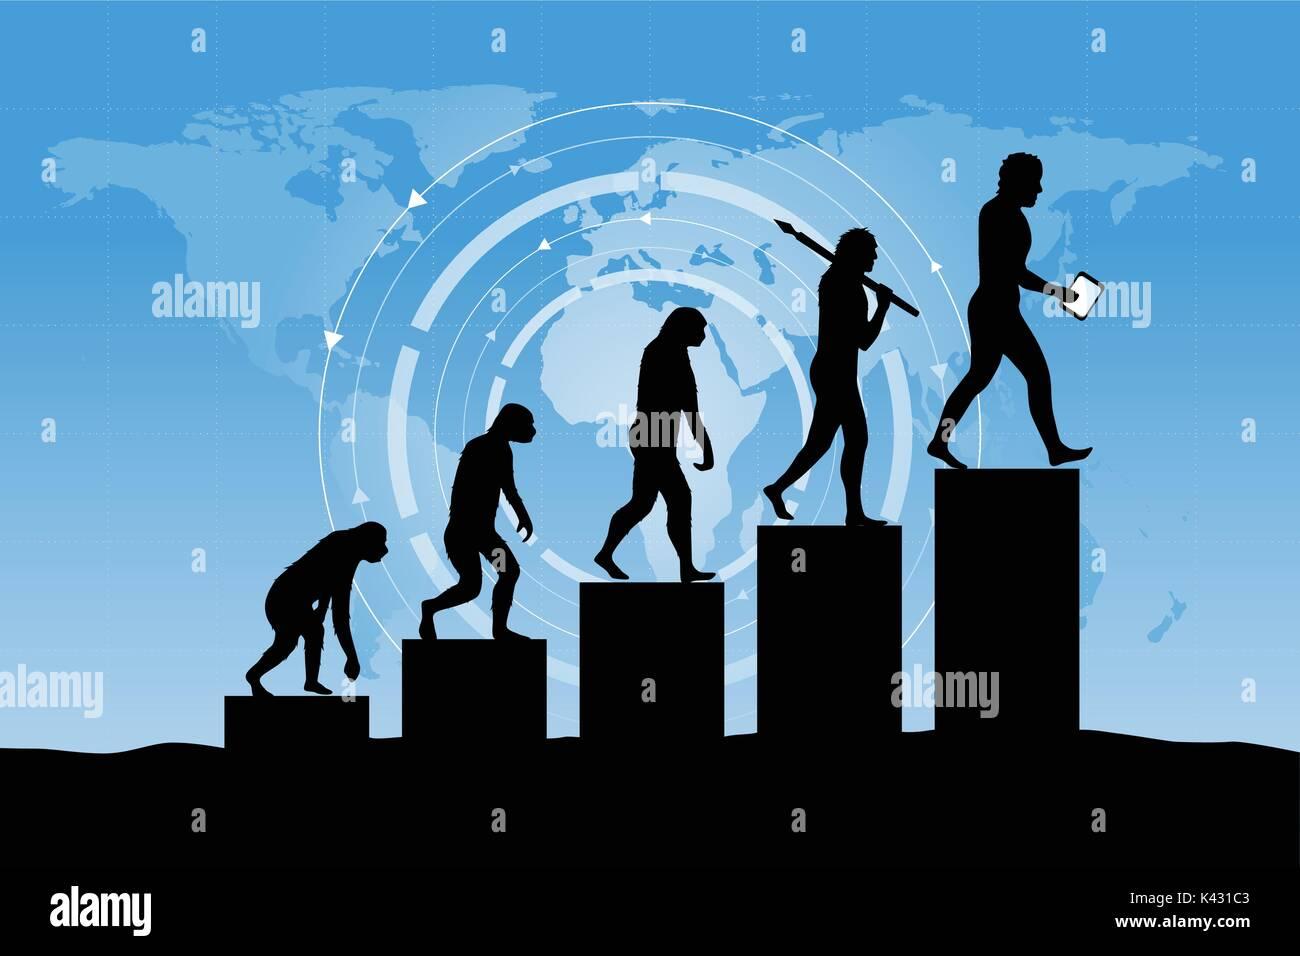 Evoluzione umana nella presente nel mondo digitale. Il rischio aziendale concetto! Illustrazione Vettoriale